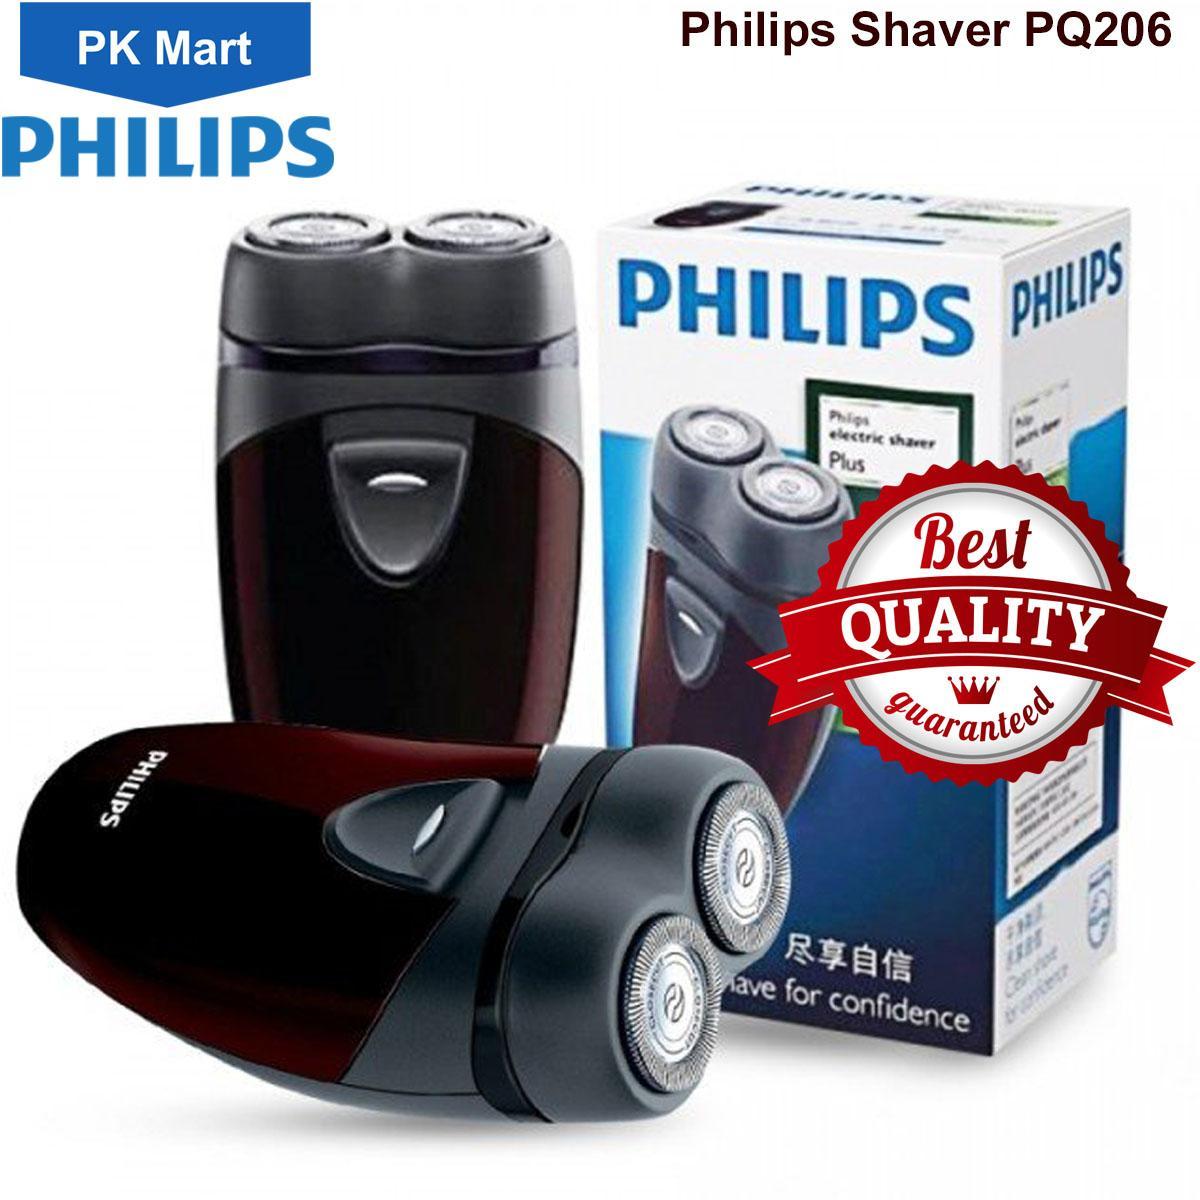 Hình ảnh Máy Cạo Râu Philips Pq206 - Hàng Nhập Khẩu